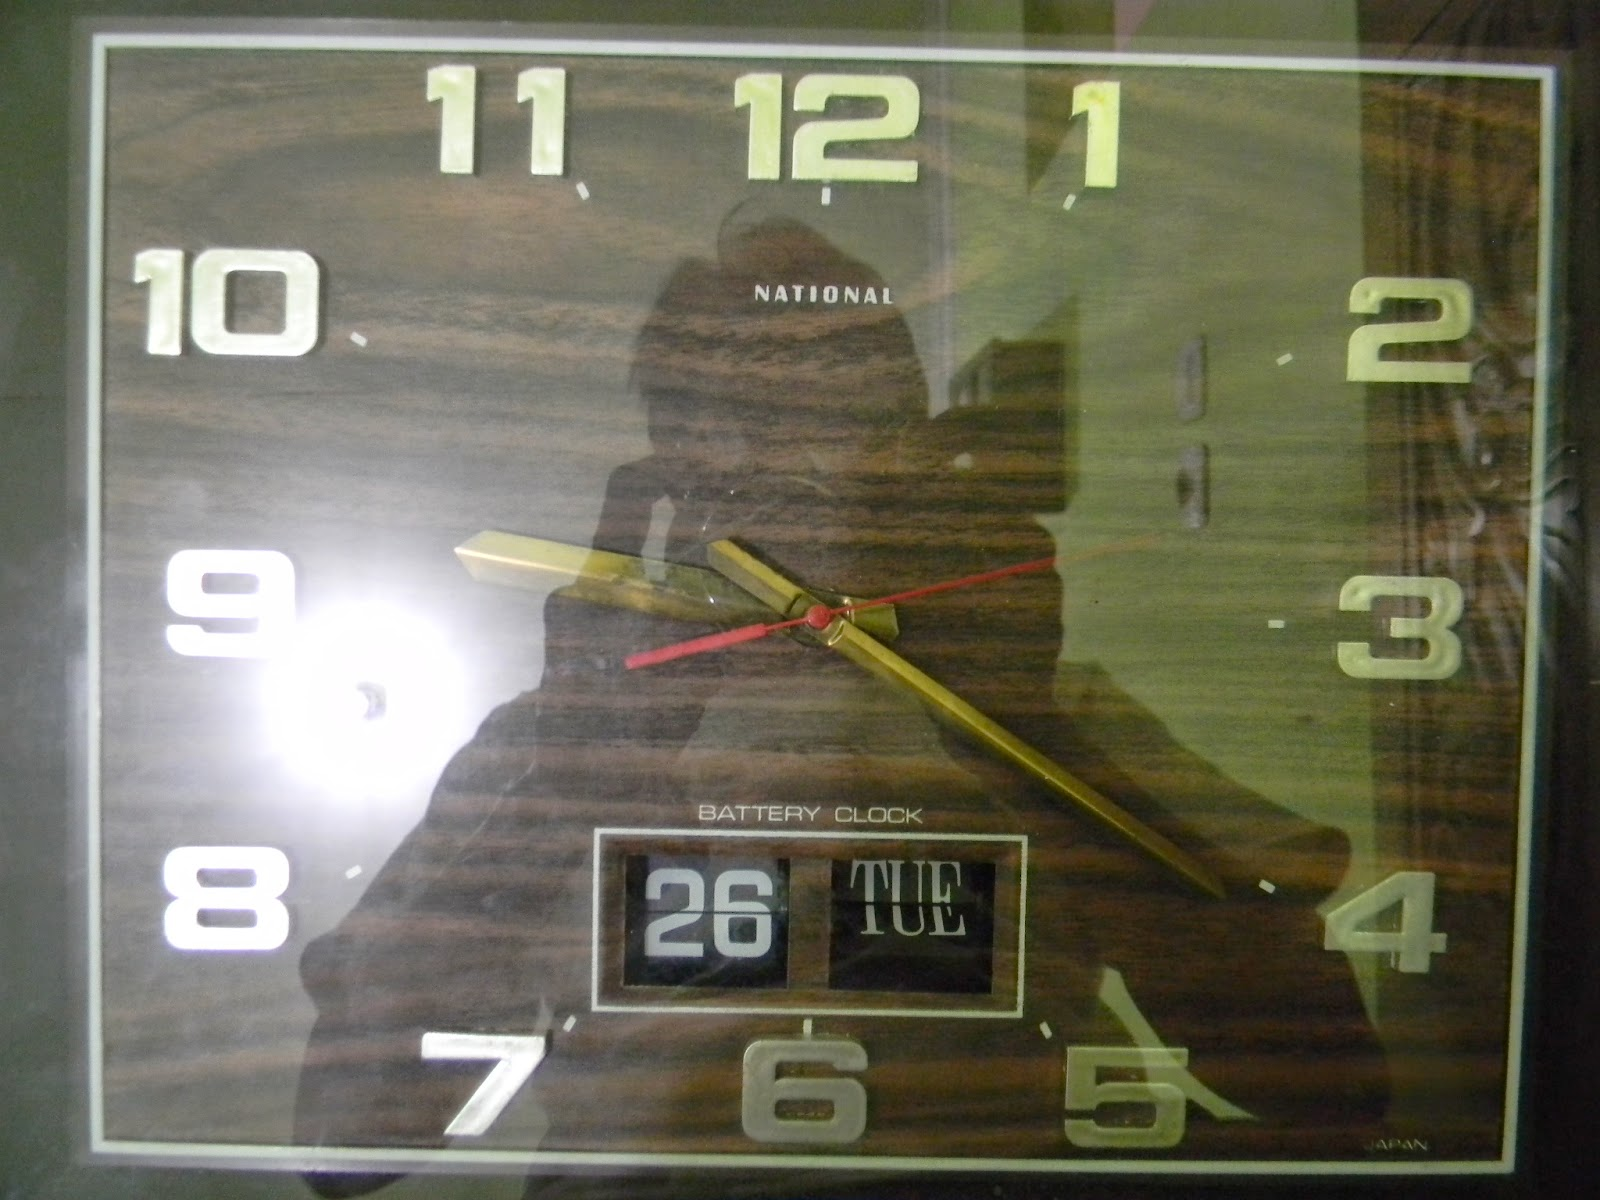 Jam dinding ini diproduksi thn 70-80an jam ini juga dilengkapi dgn hari dan  tanggal pengoperasiannya secara otomatis dgn menggunakan batere ukuran  sedang 6e362bef3c